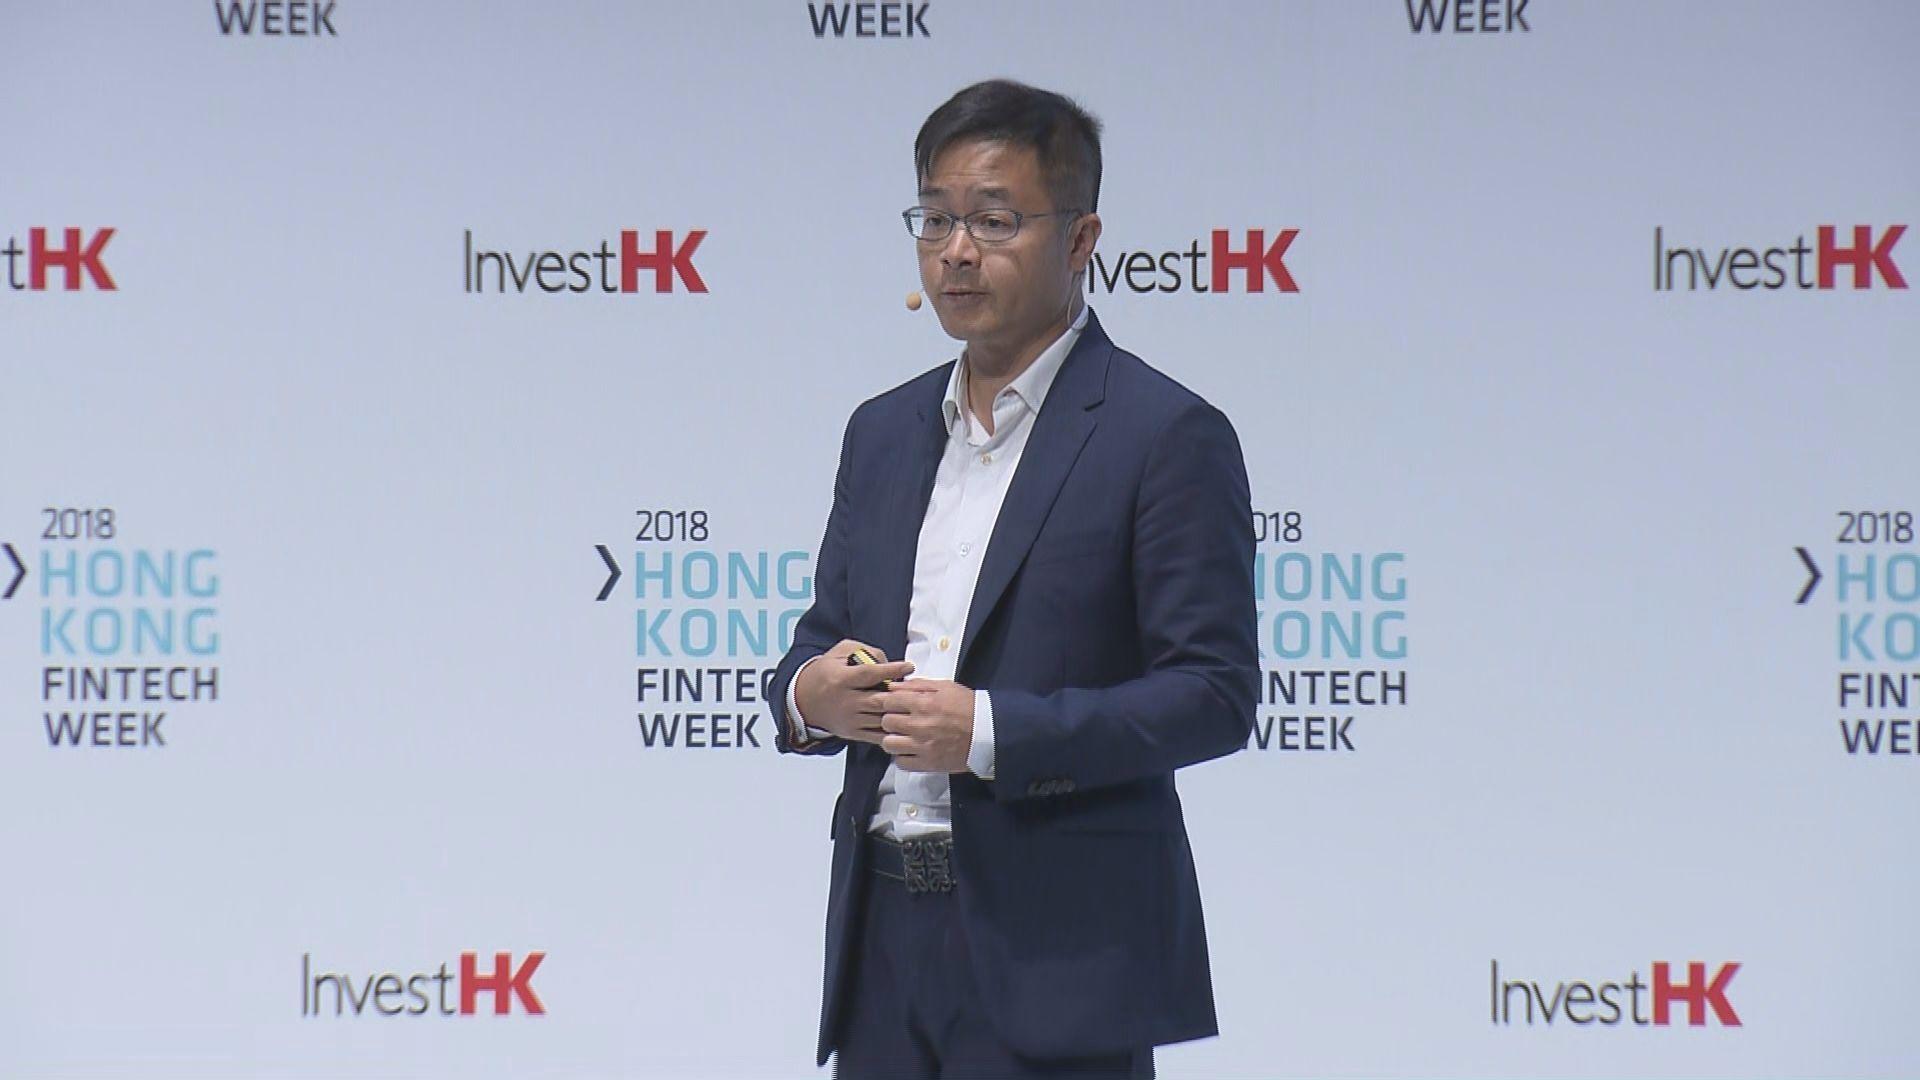 【不斷研發新FinTech】騰訊:有助推動創科發展